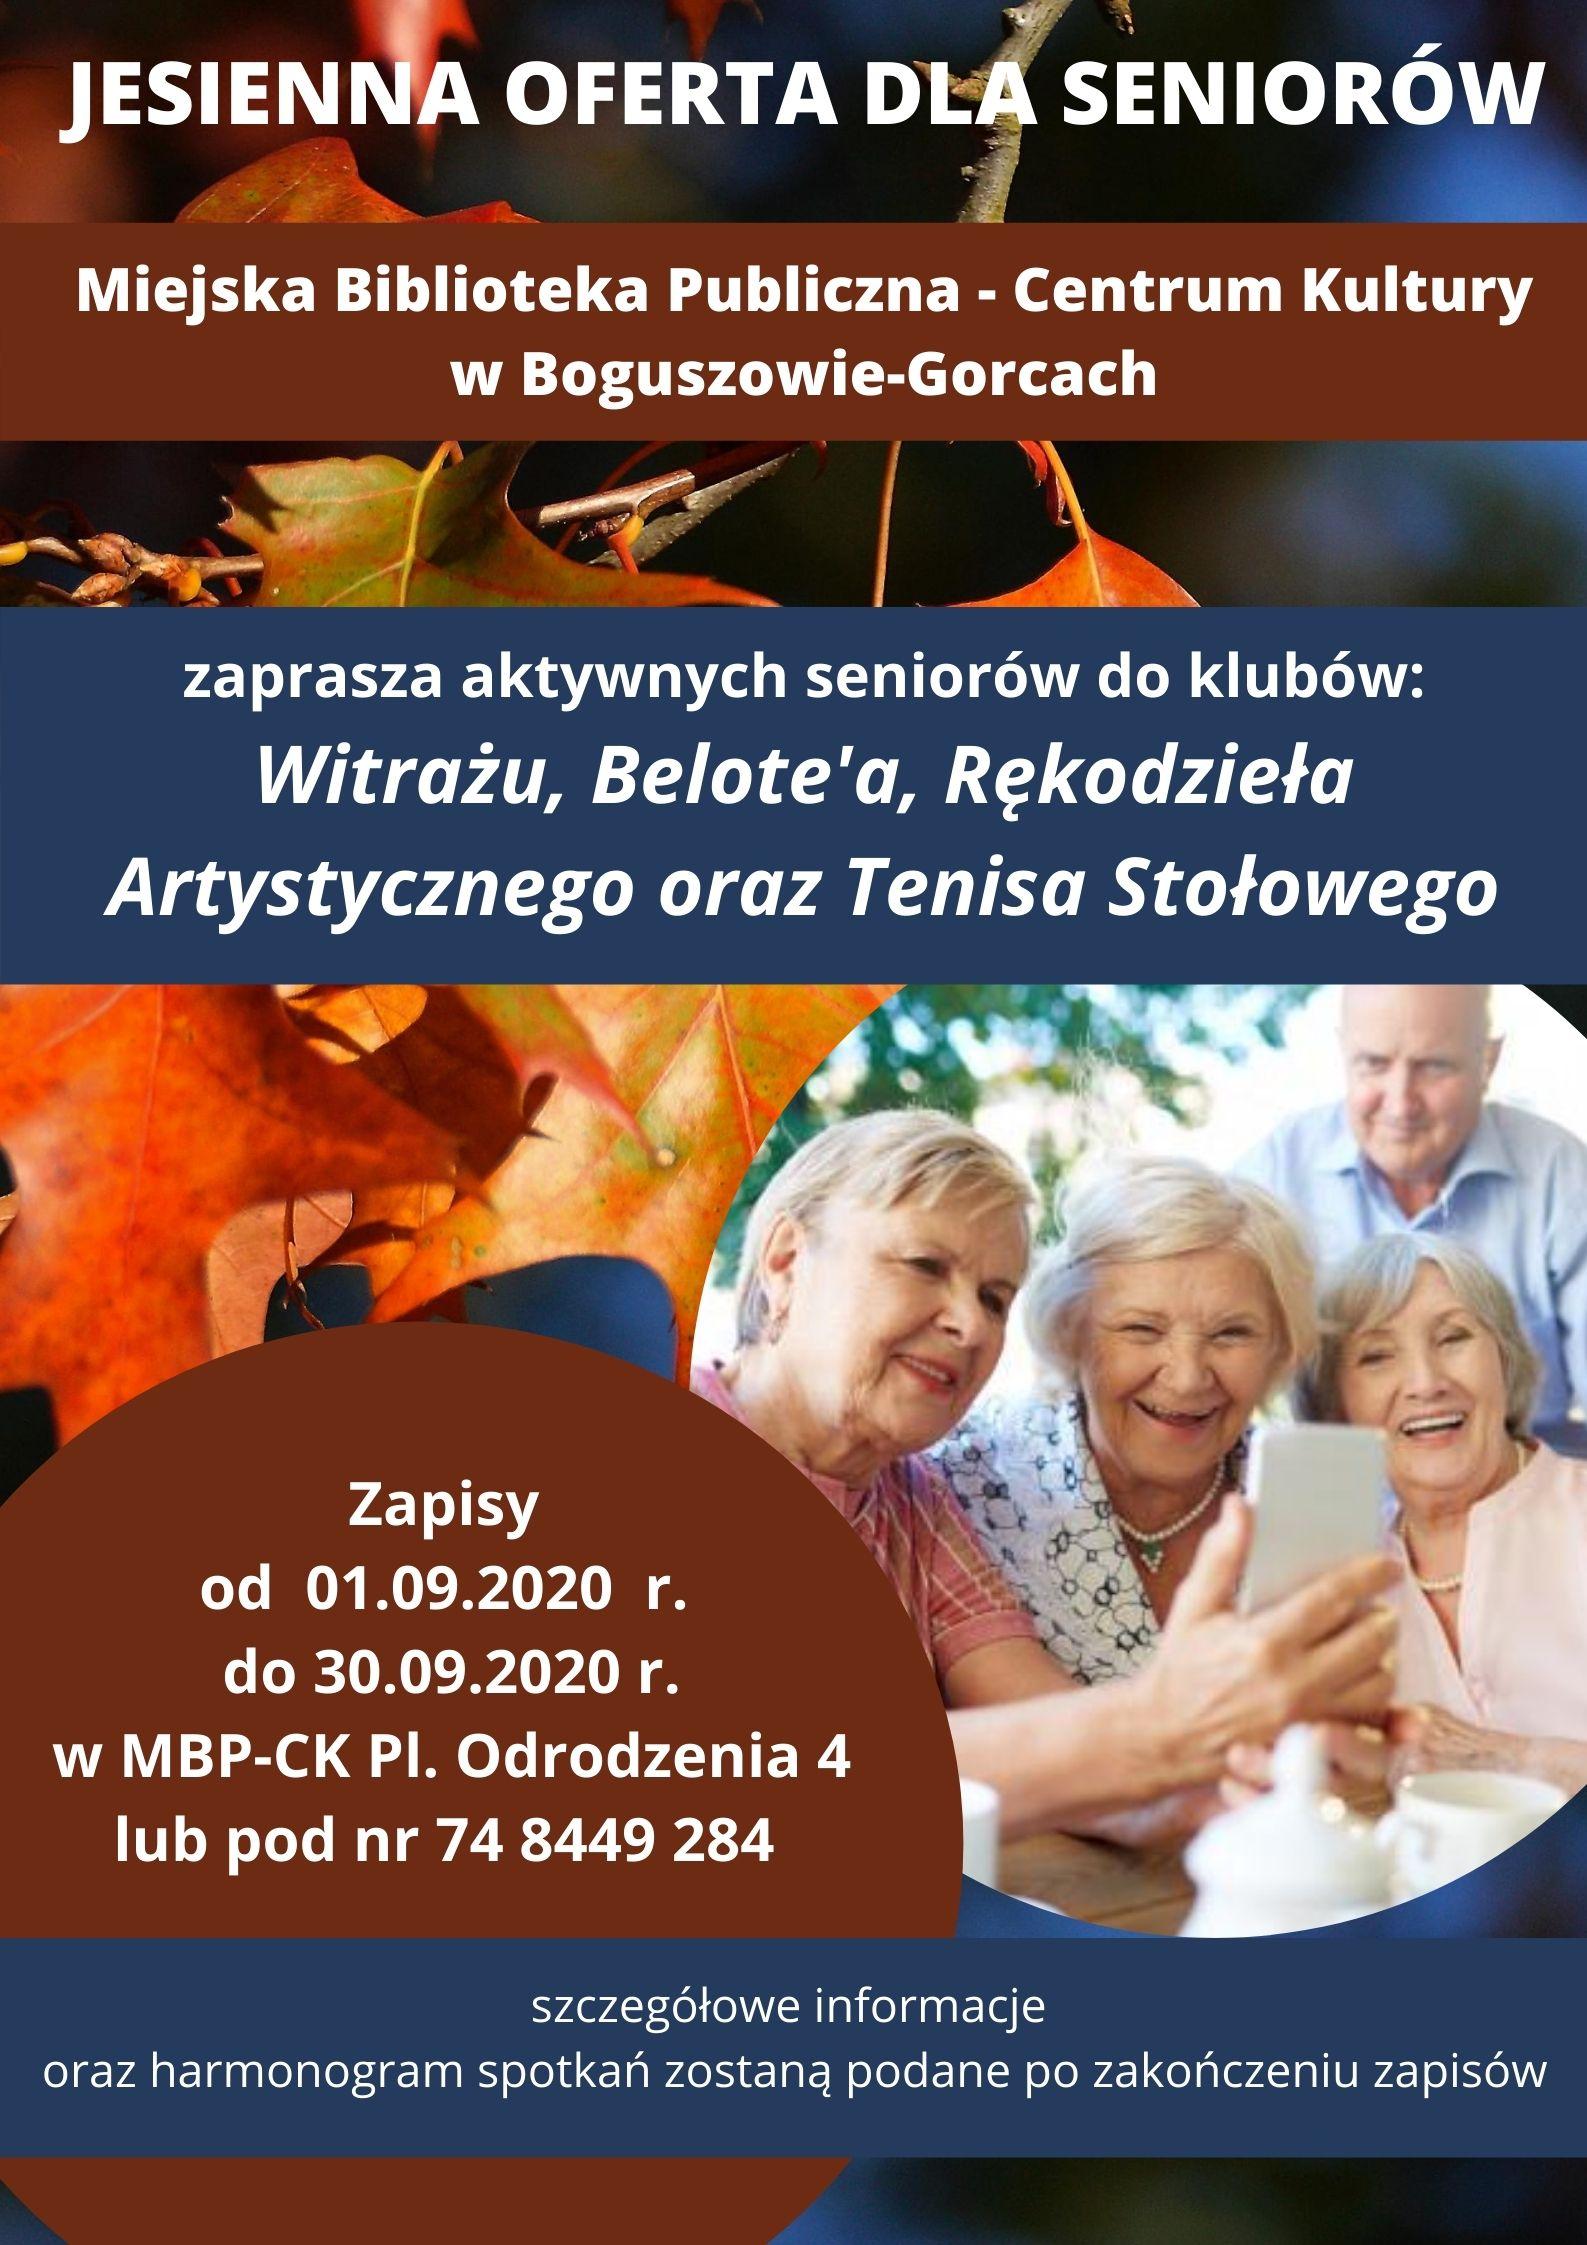 plakat ilustrujacy Jesienną ofertę dla seniorów